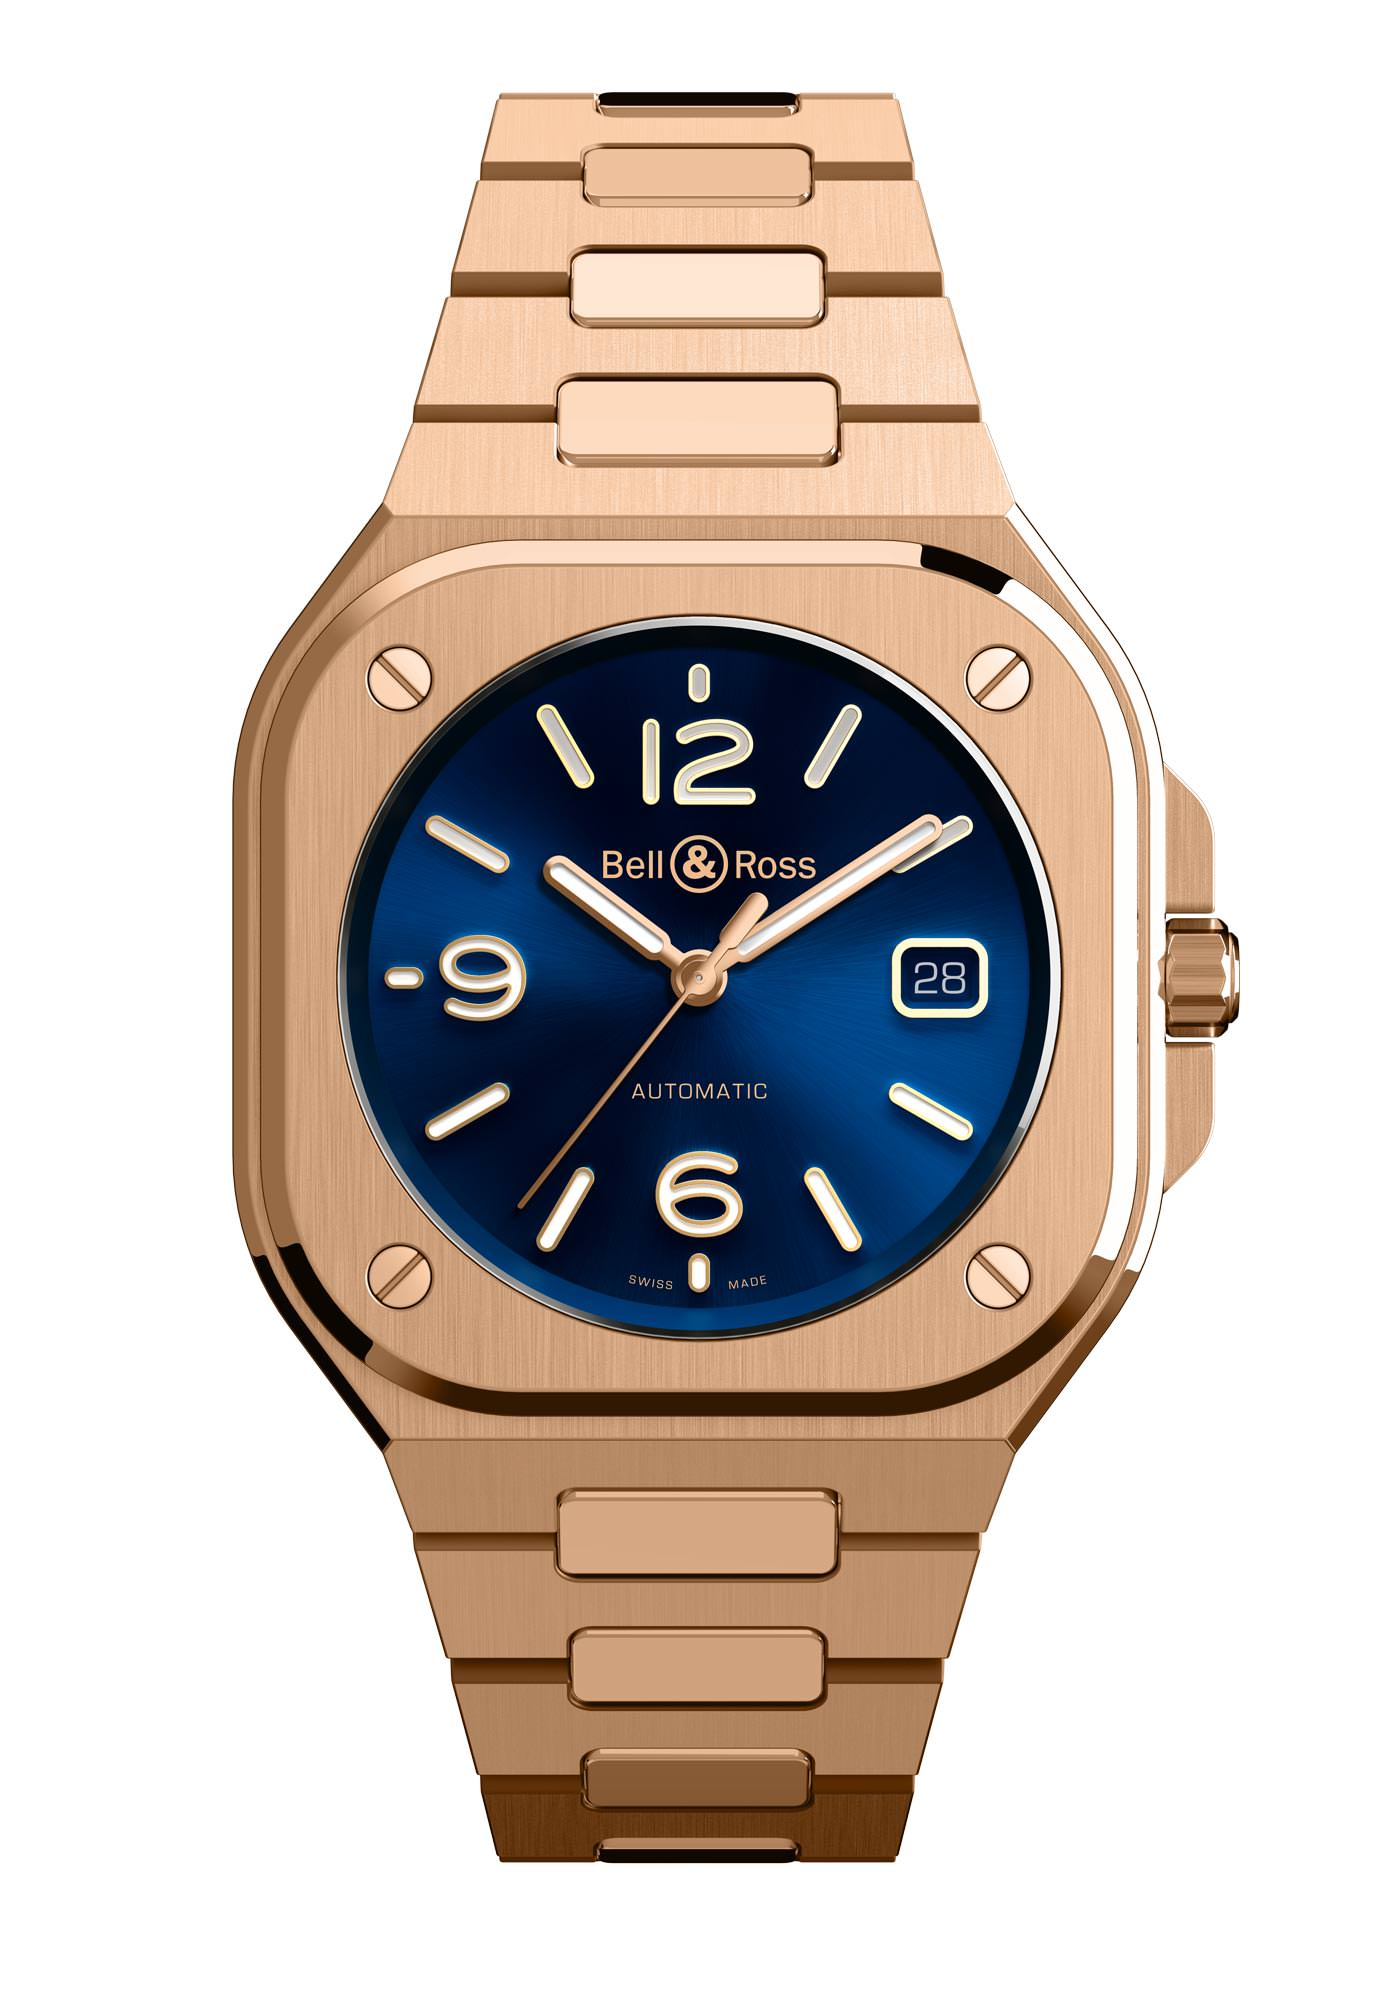 Bell & Ross Nouveaux Modèles BR05 Automatic Gold & Blue Gold Bracelet